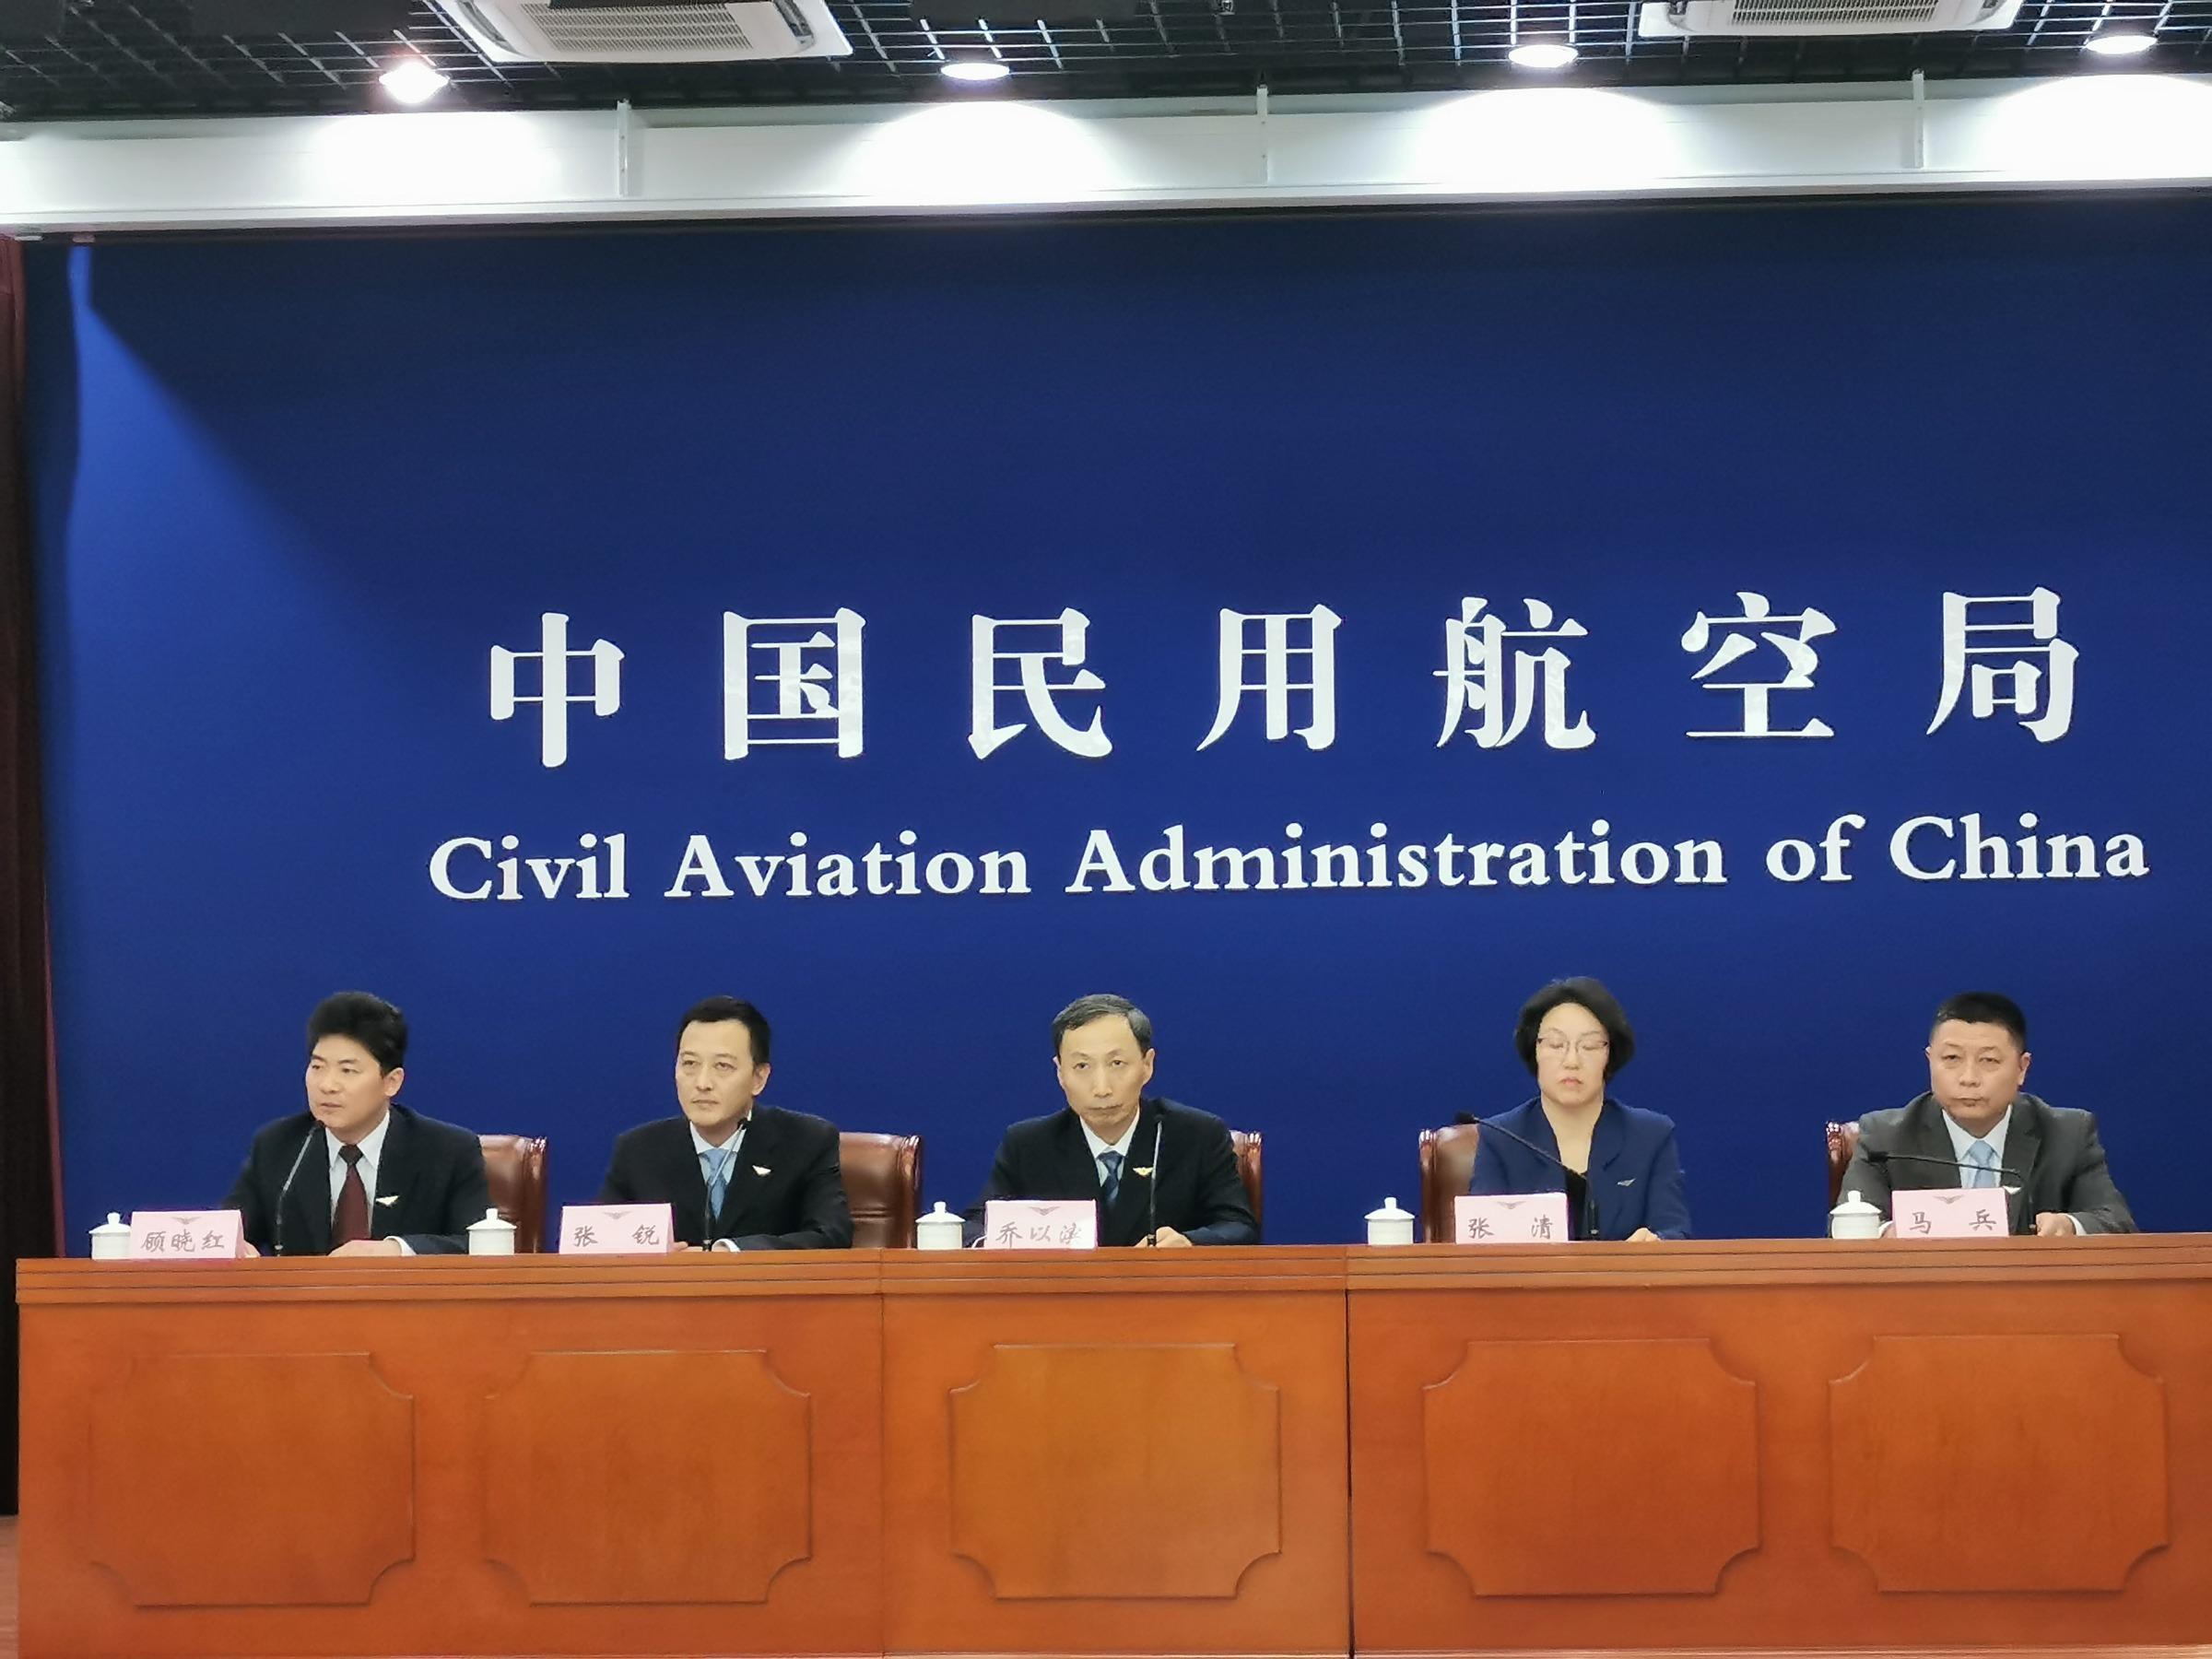 民航局:2035年运输机场基本覆盖所有县级行政单元